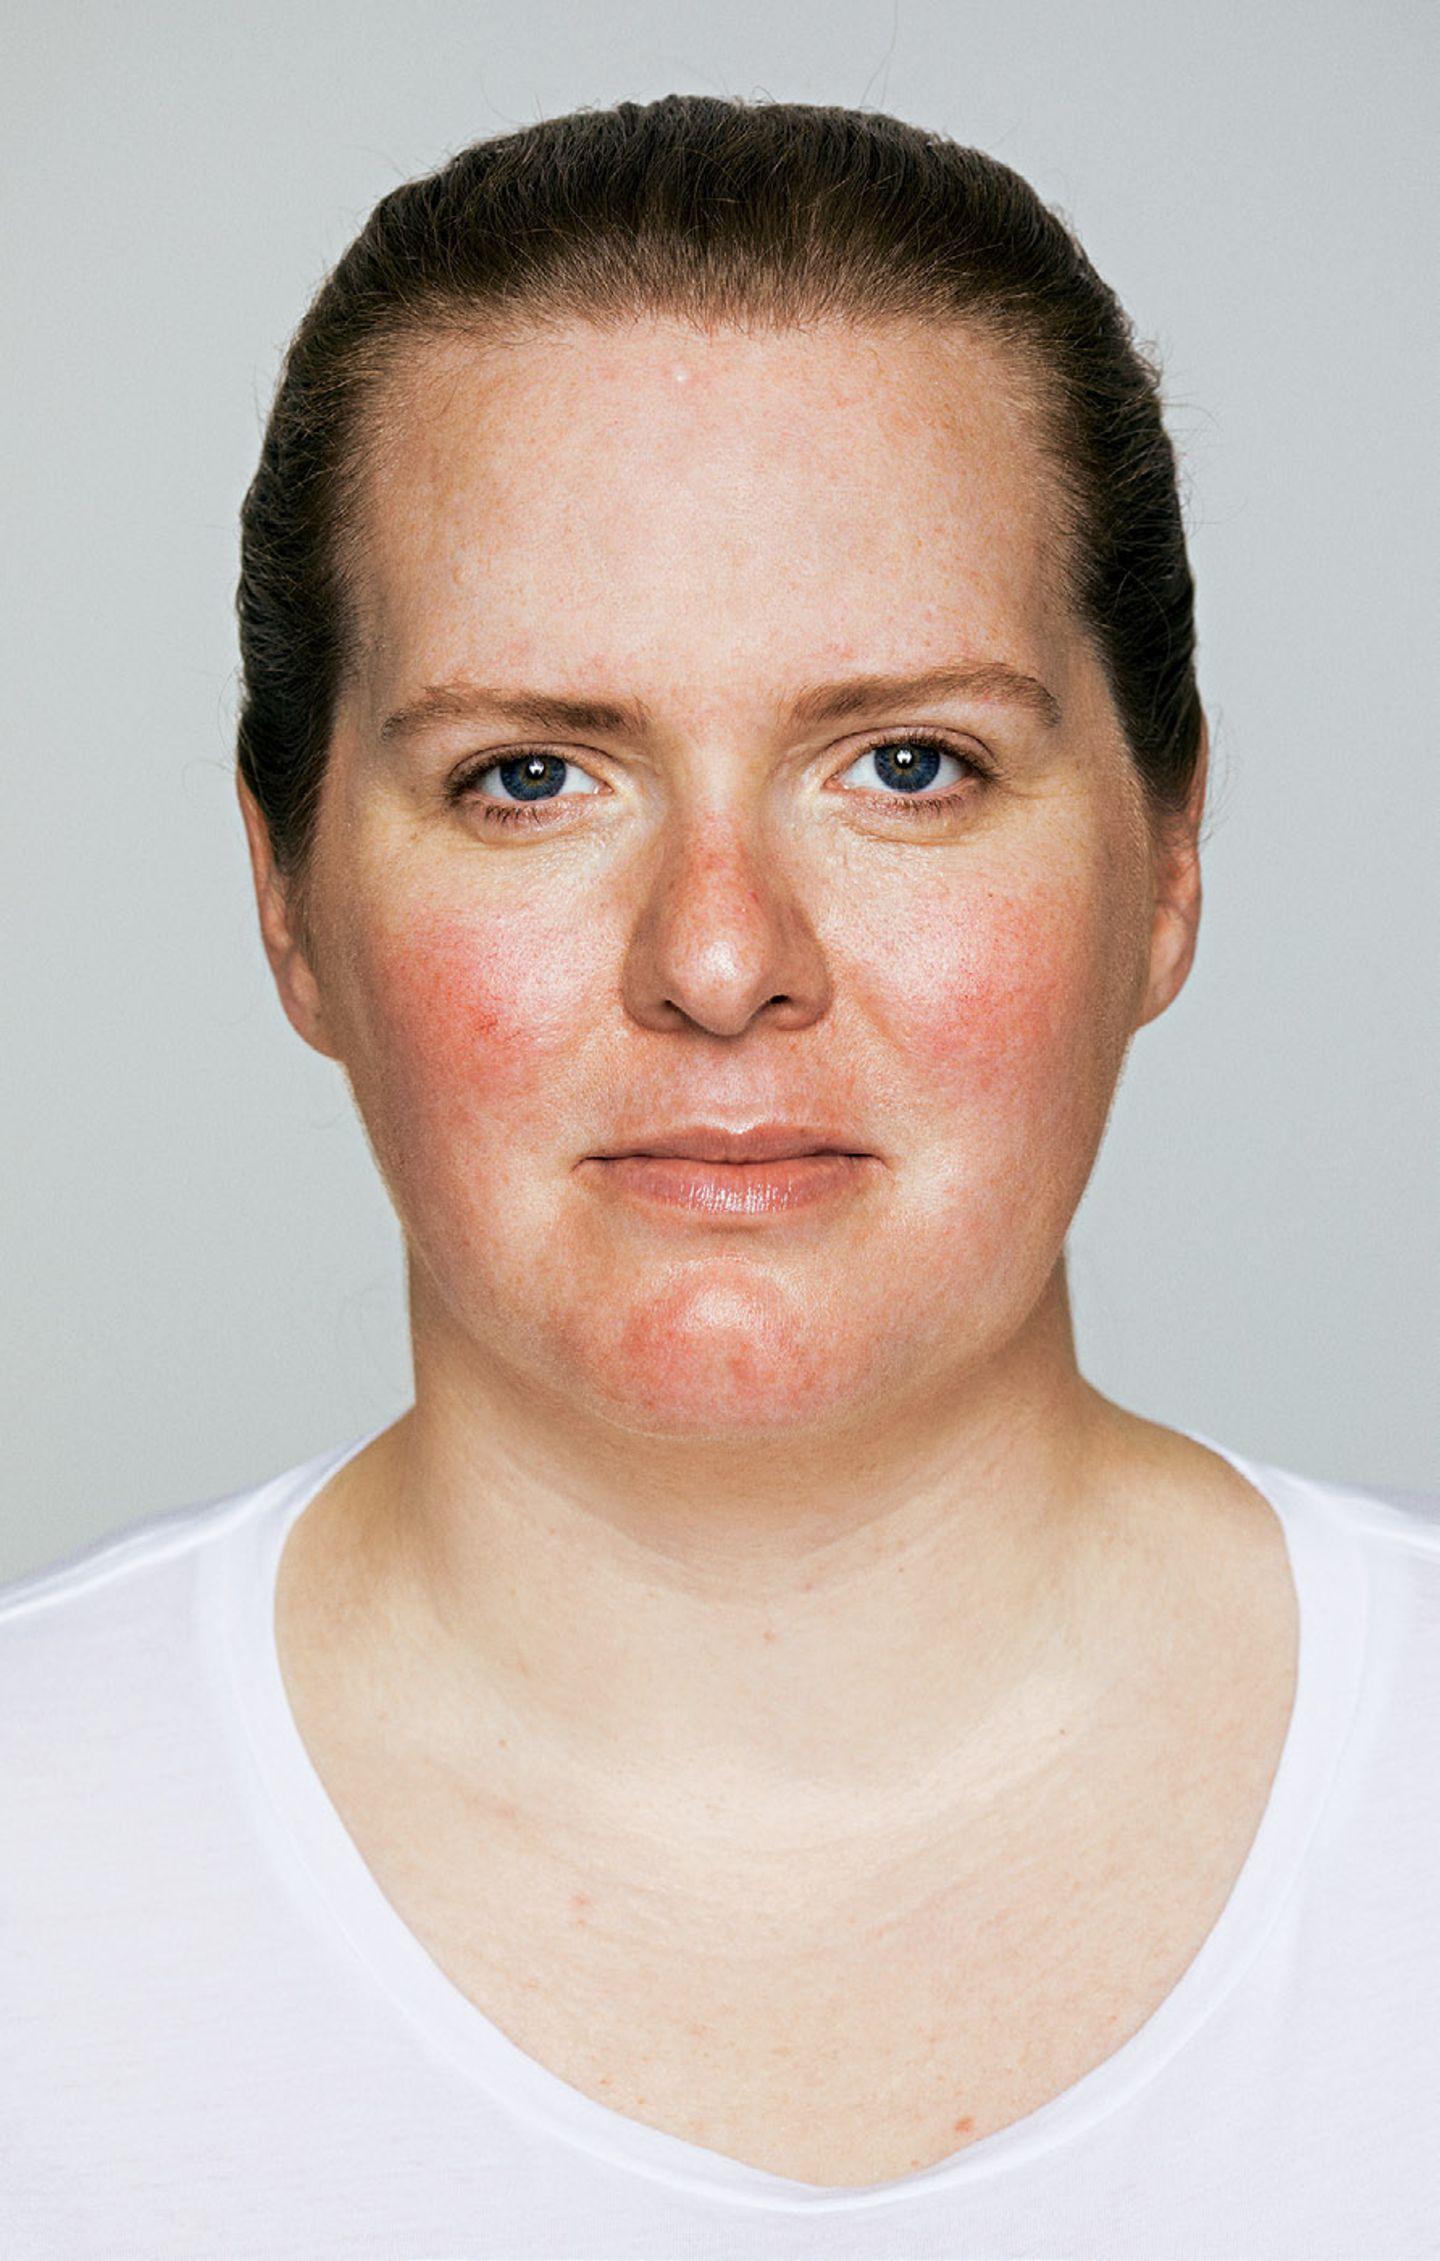 Hautbild verbessern: Hilfe gegen Akne, Falten und Co.: Rosazea vorher